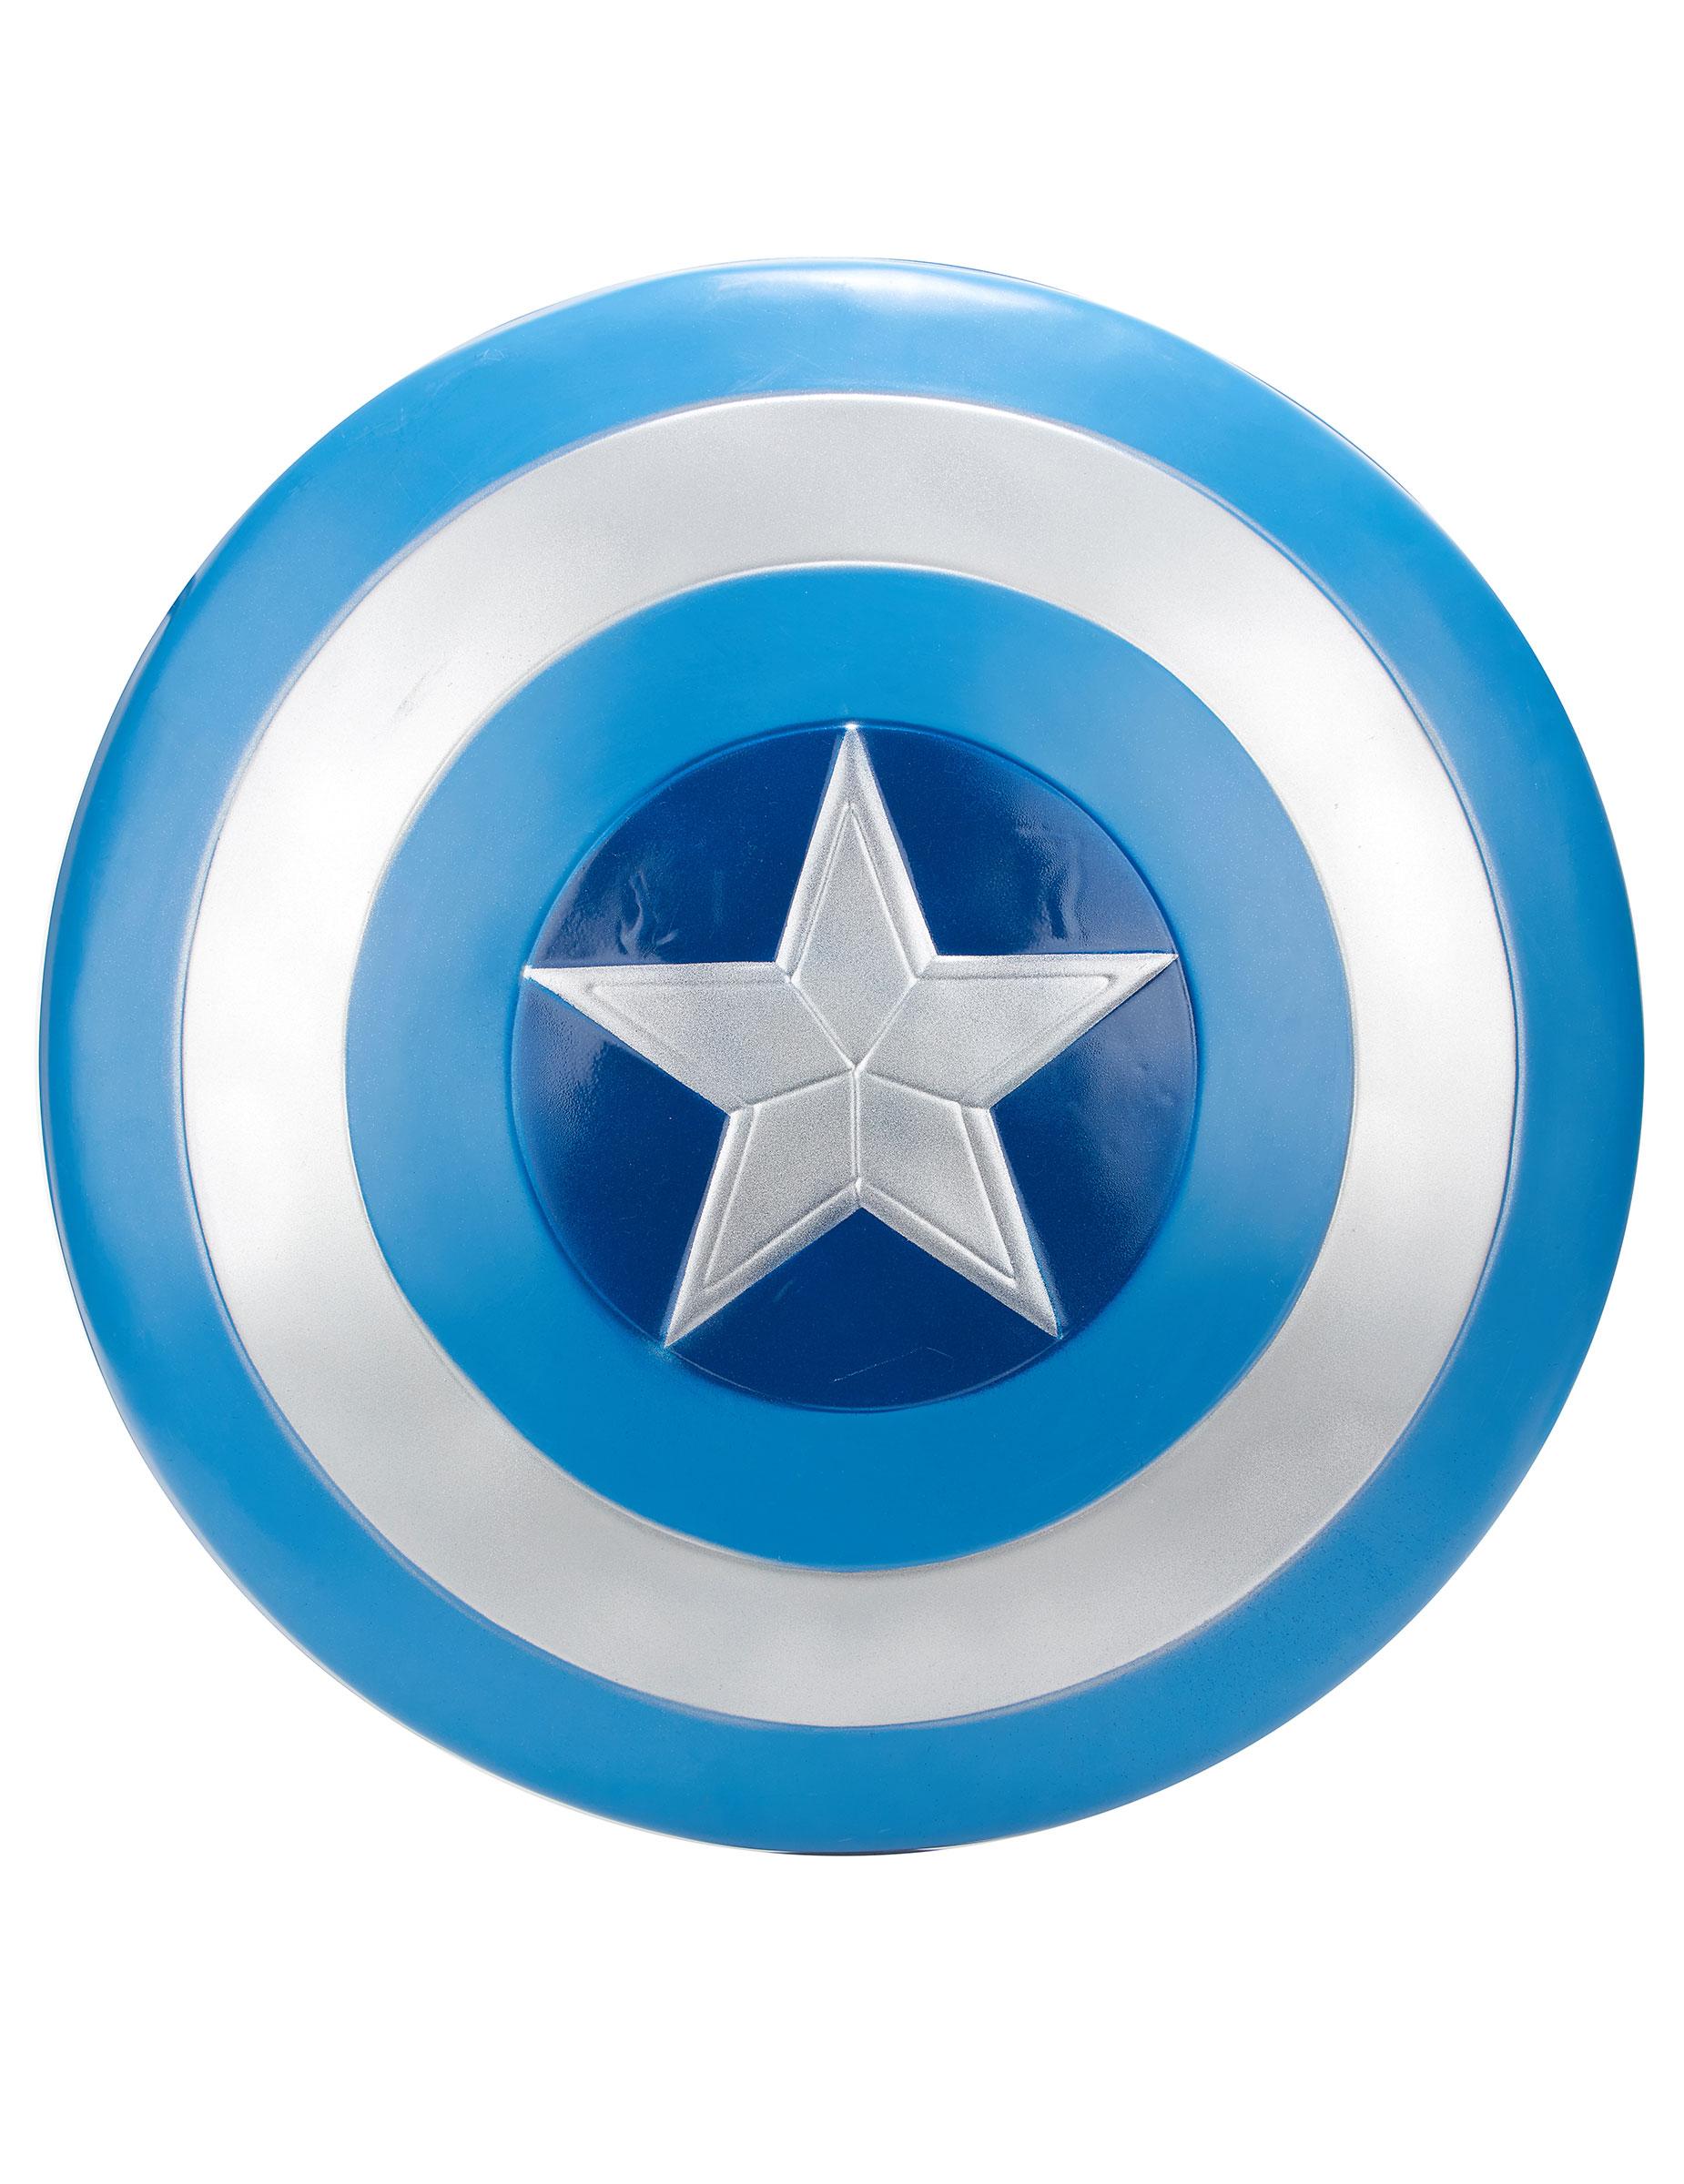 Bouclier bleu captain america 61 cm deguise toi achat de accessoires - Captain america fille ...